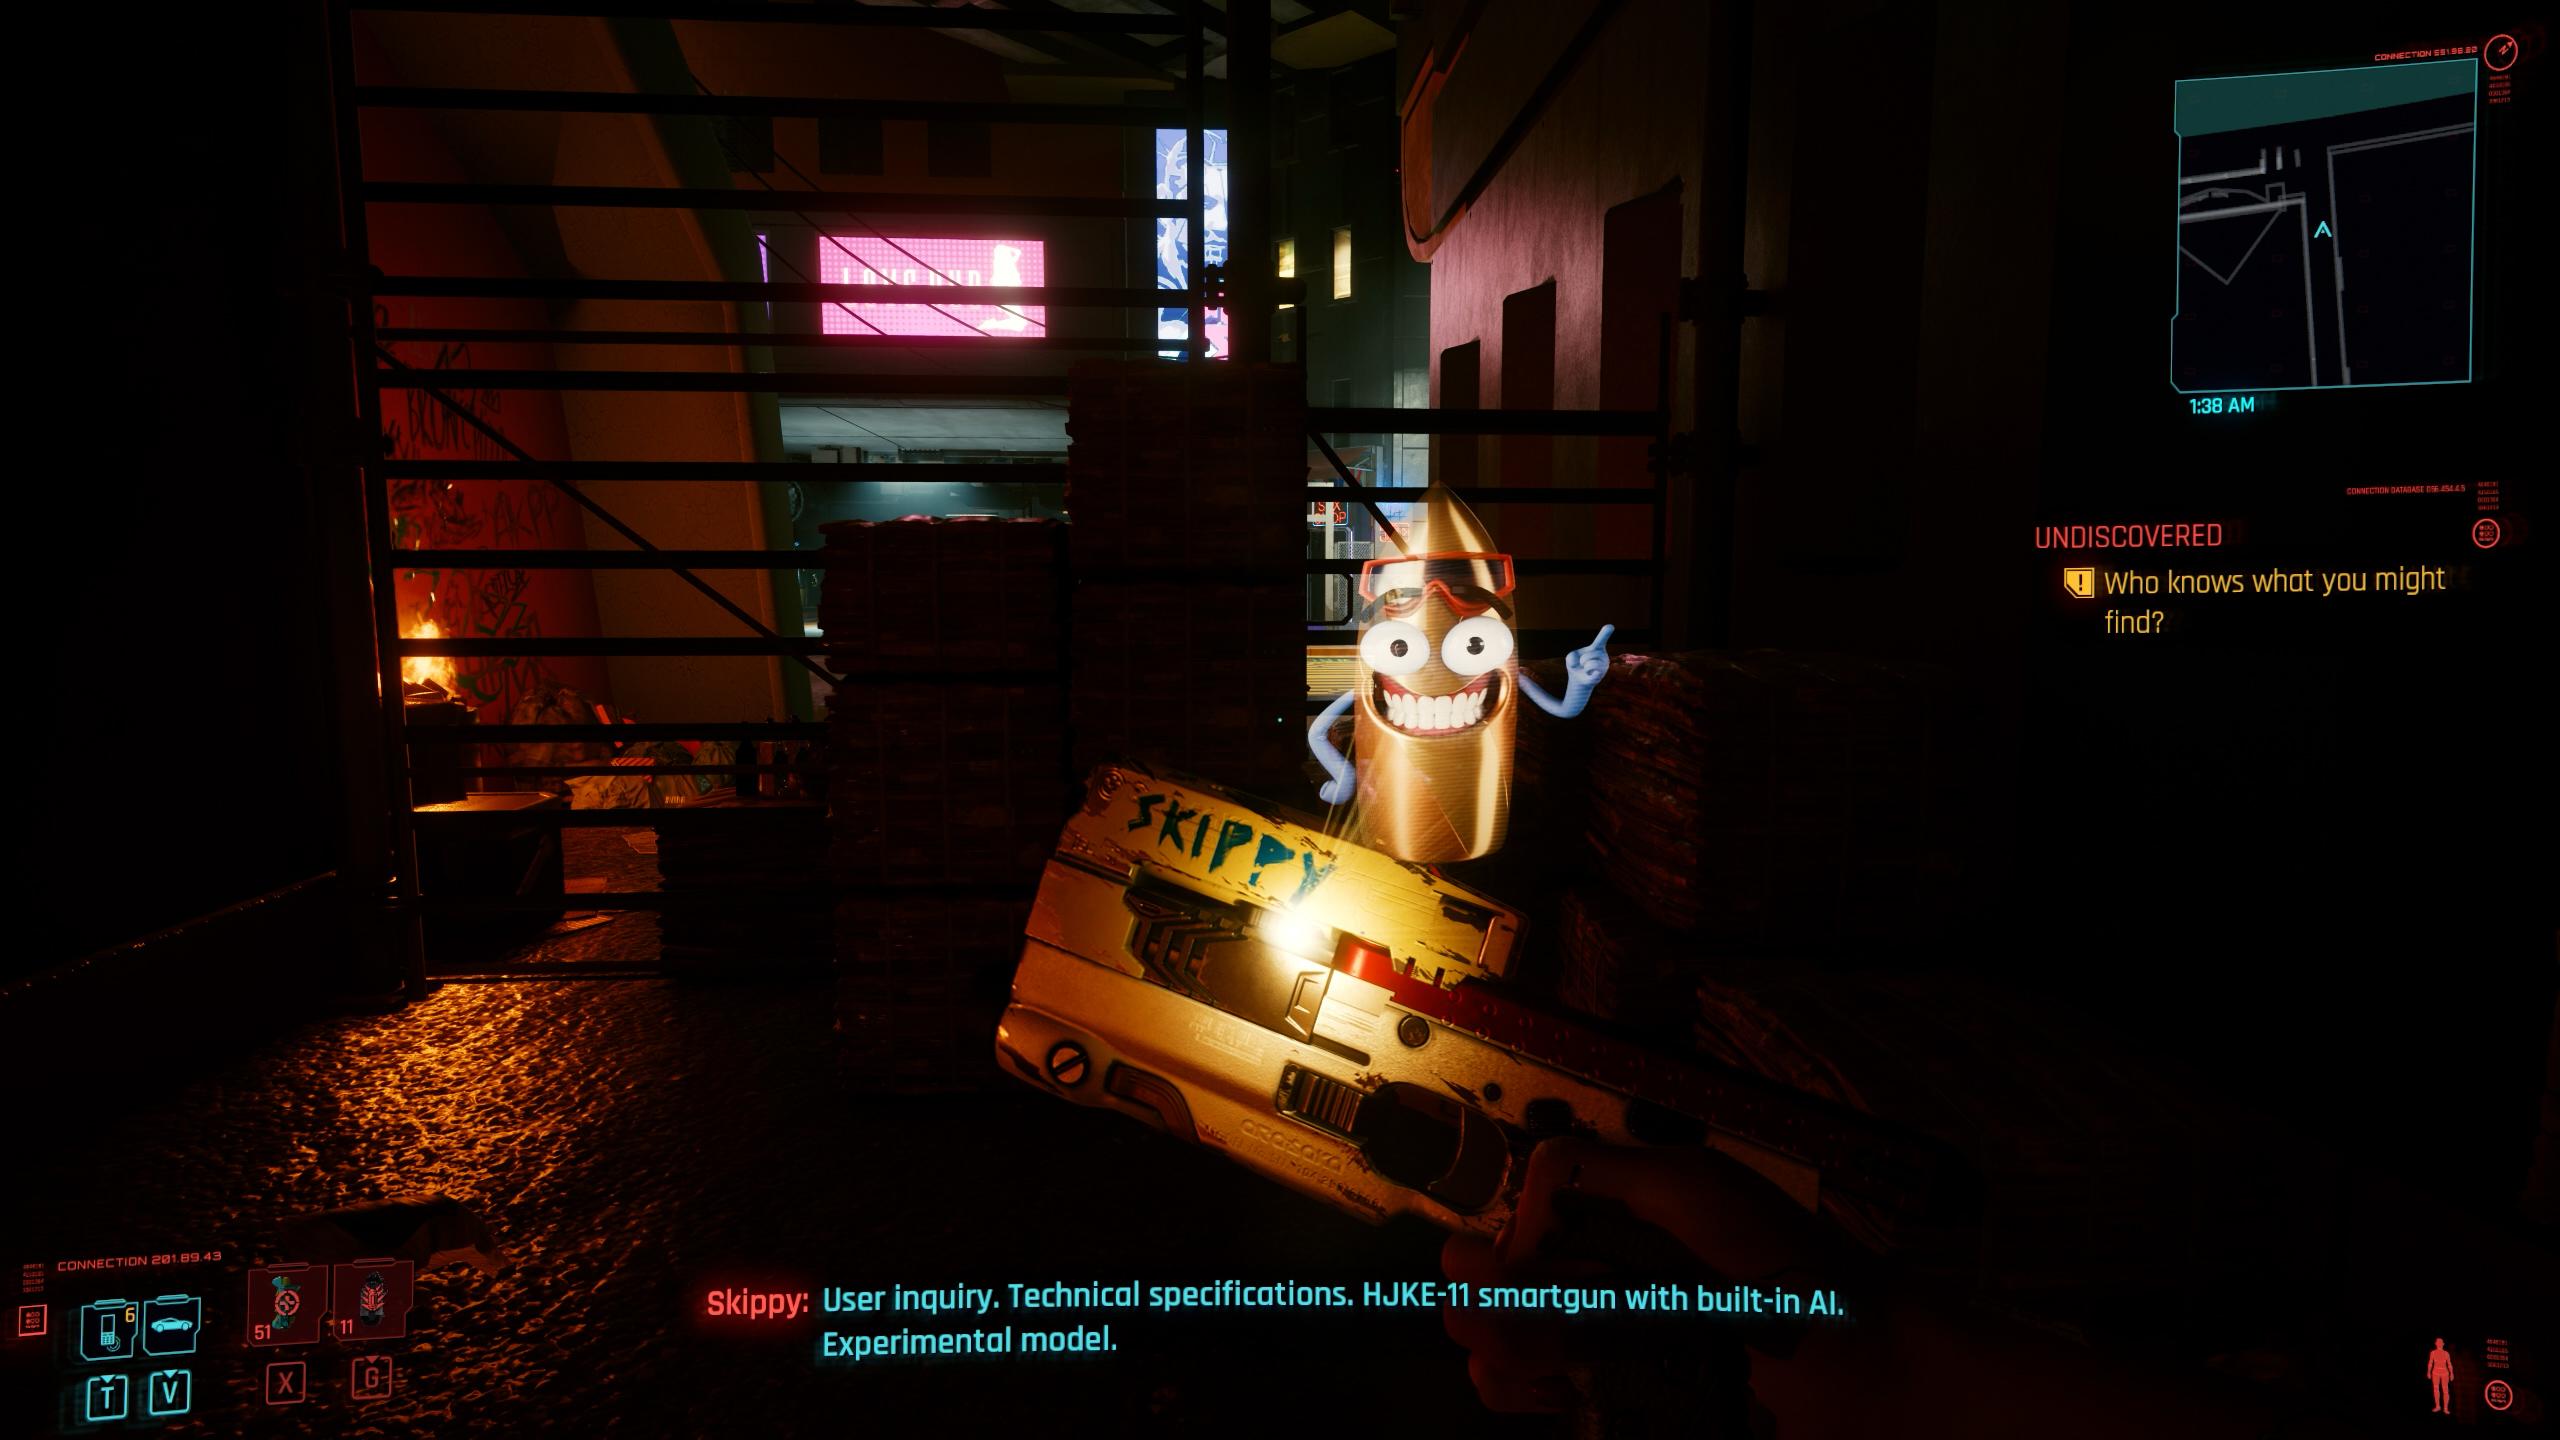 Skippy in Cyberpunk 2077